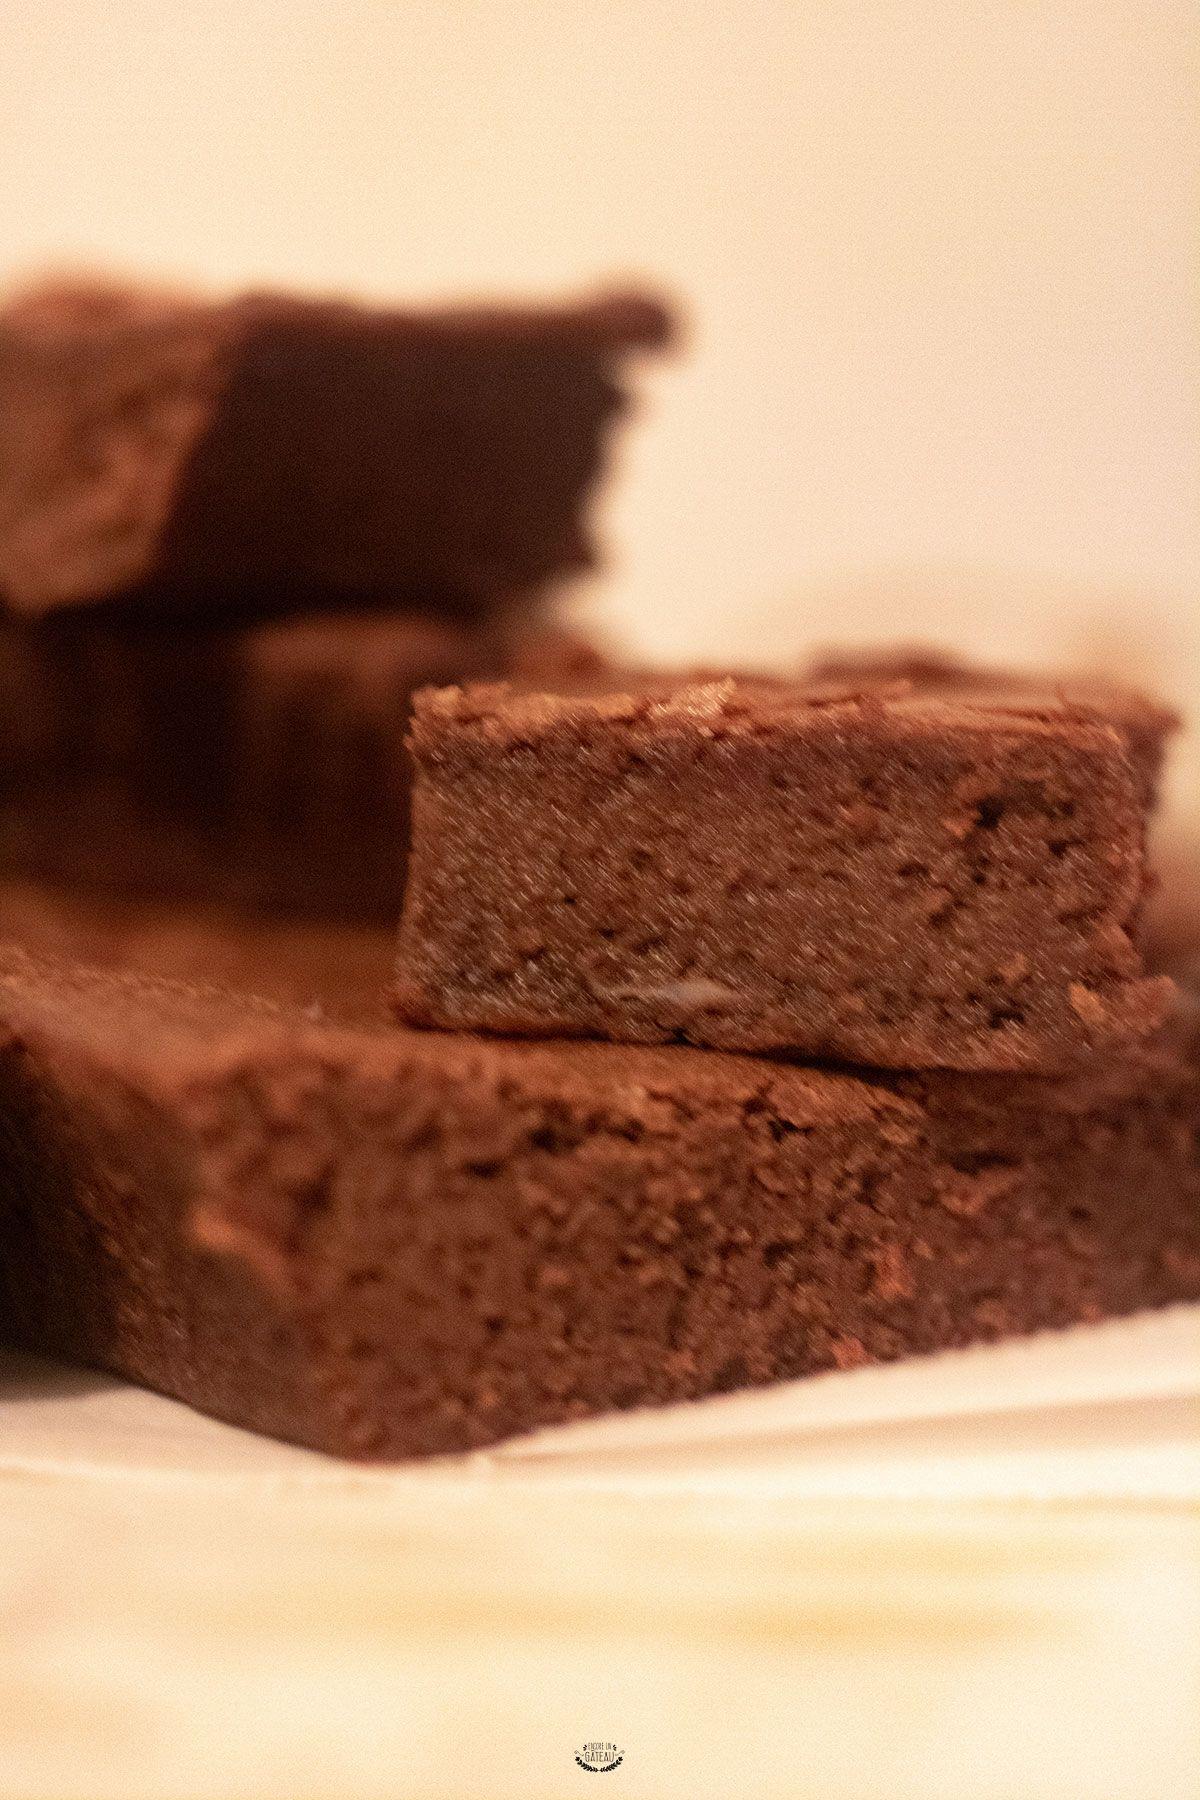 Fondant Chocolat Marrons Recette Recette Fondant Au Chocolat Recette Fondant Chocolat